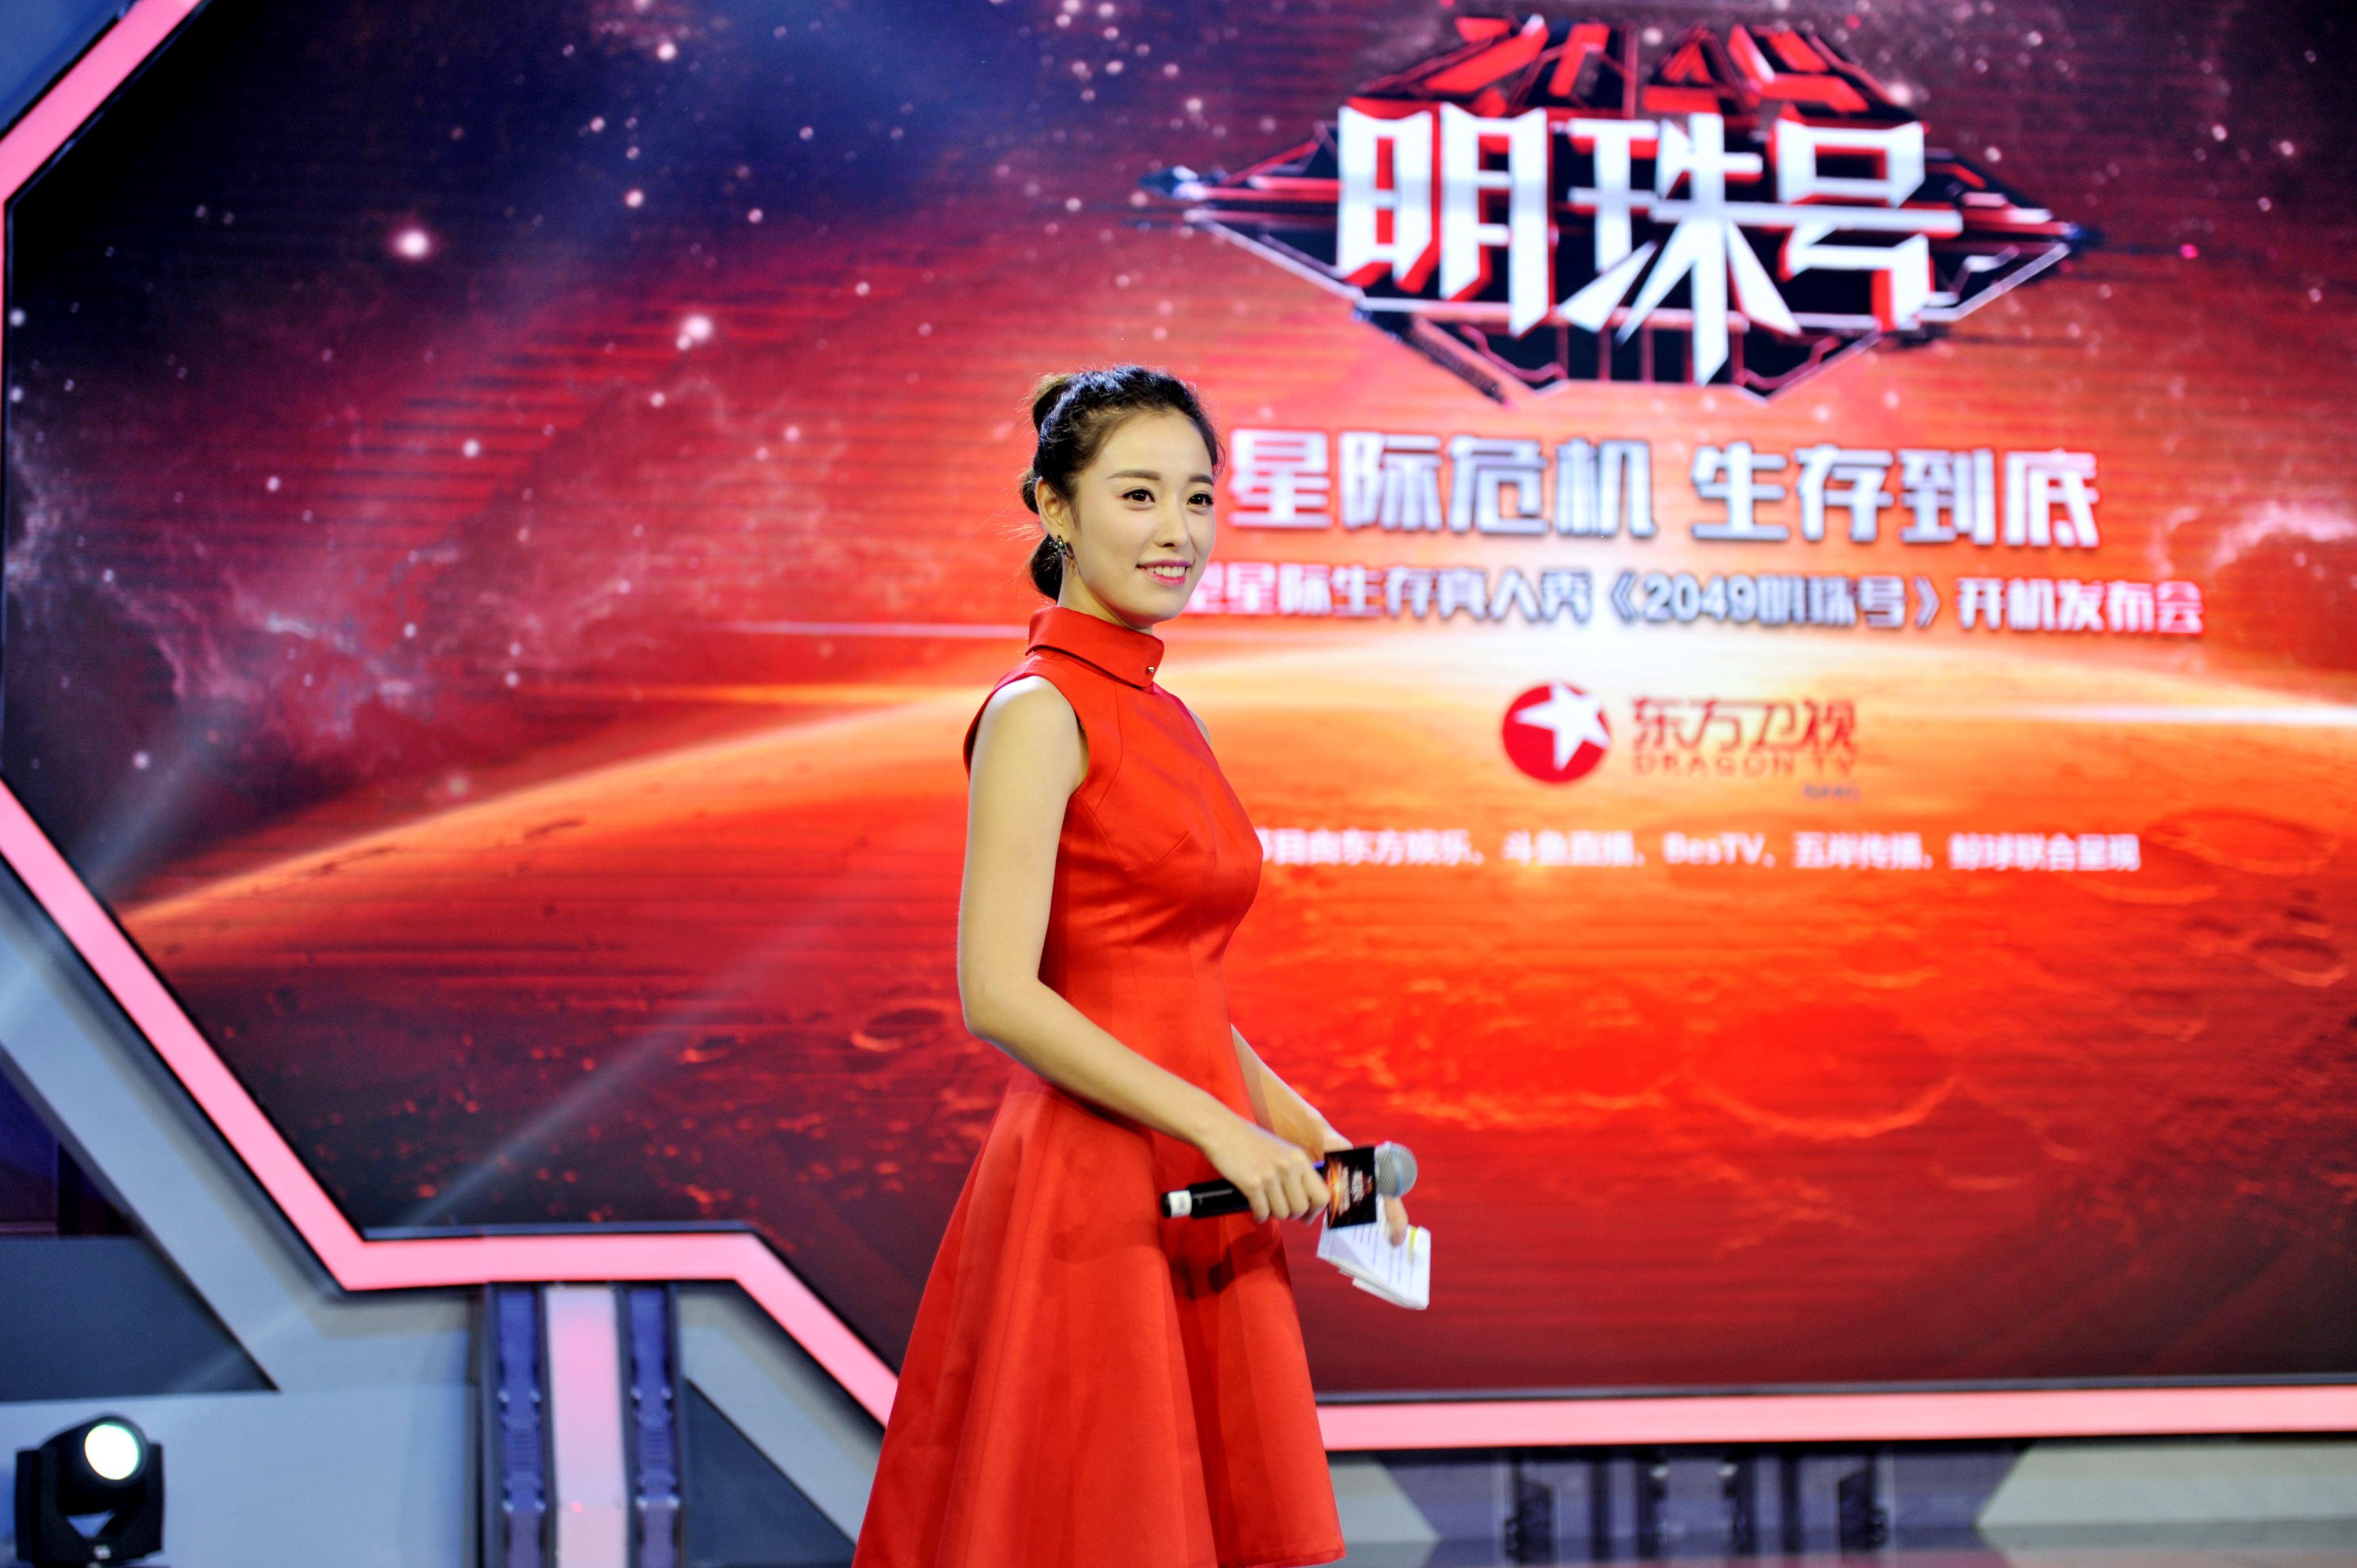 2017年6月3日电视台收视率排行榜,浙江卫视收视率第一湖南卫视第三